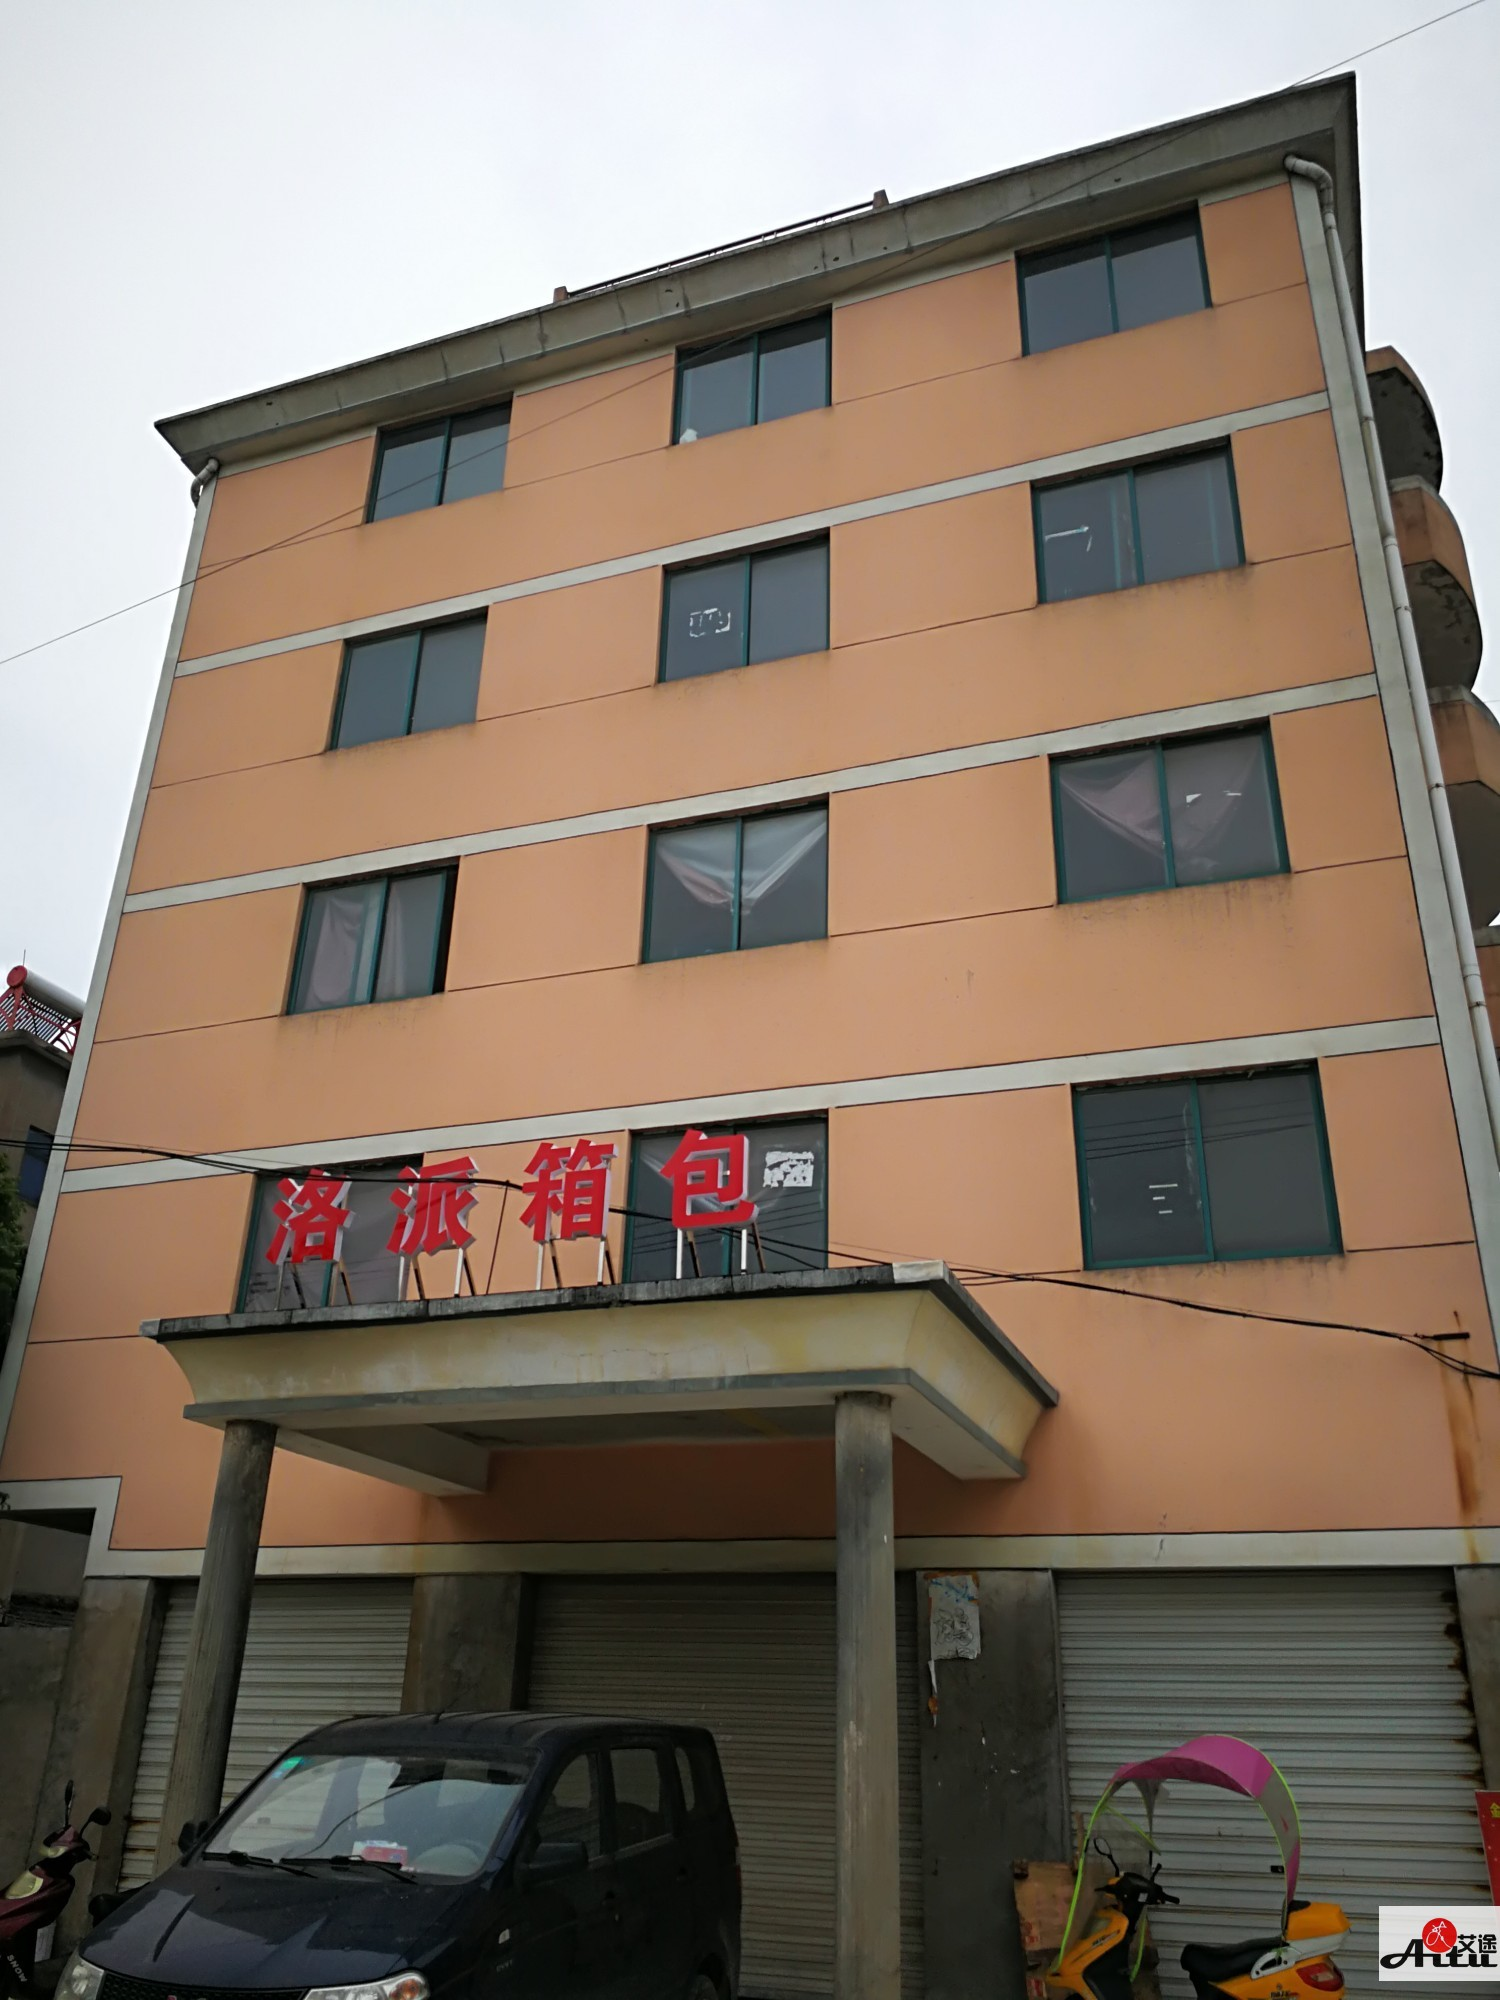 Zhejiang Jinhua Luopai luggage Co., Ltd. -Aitu Bags